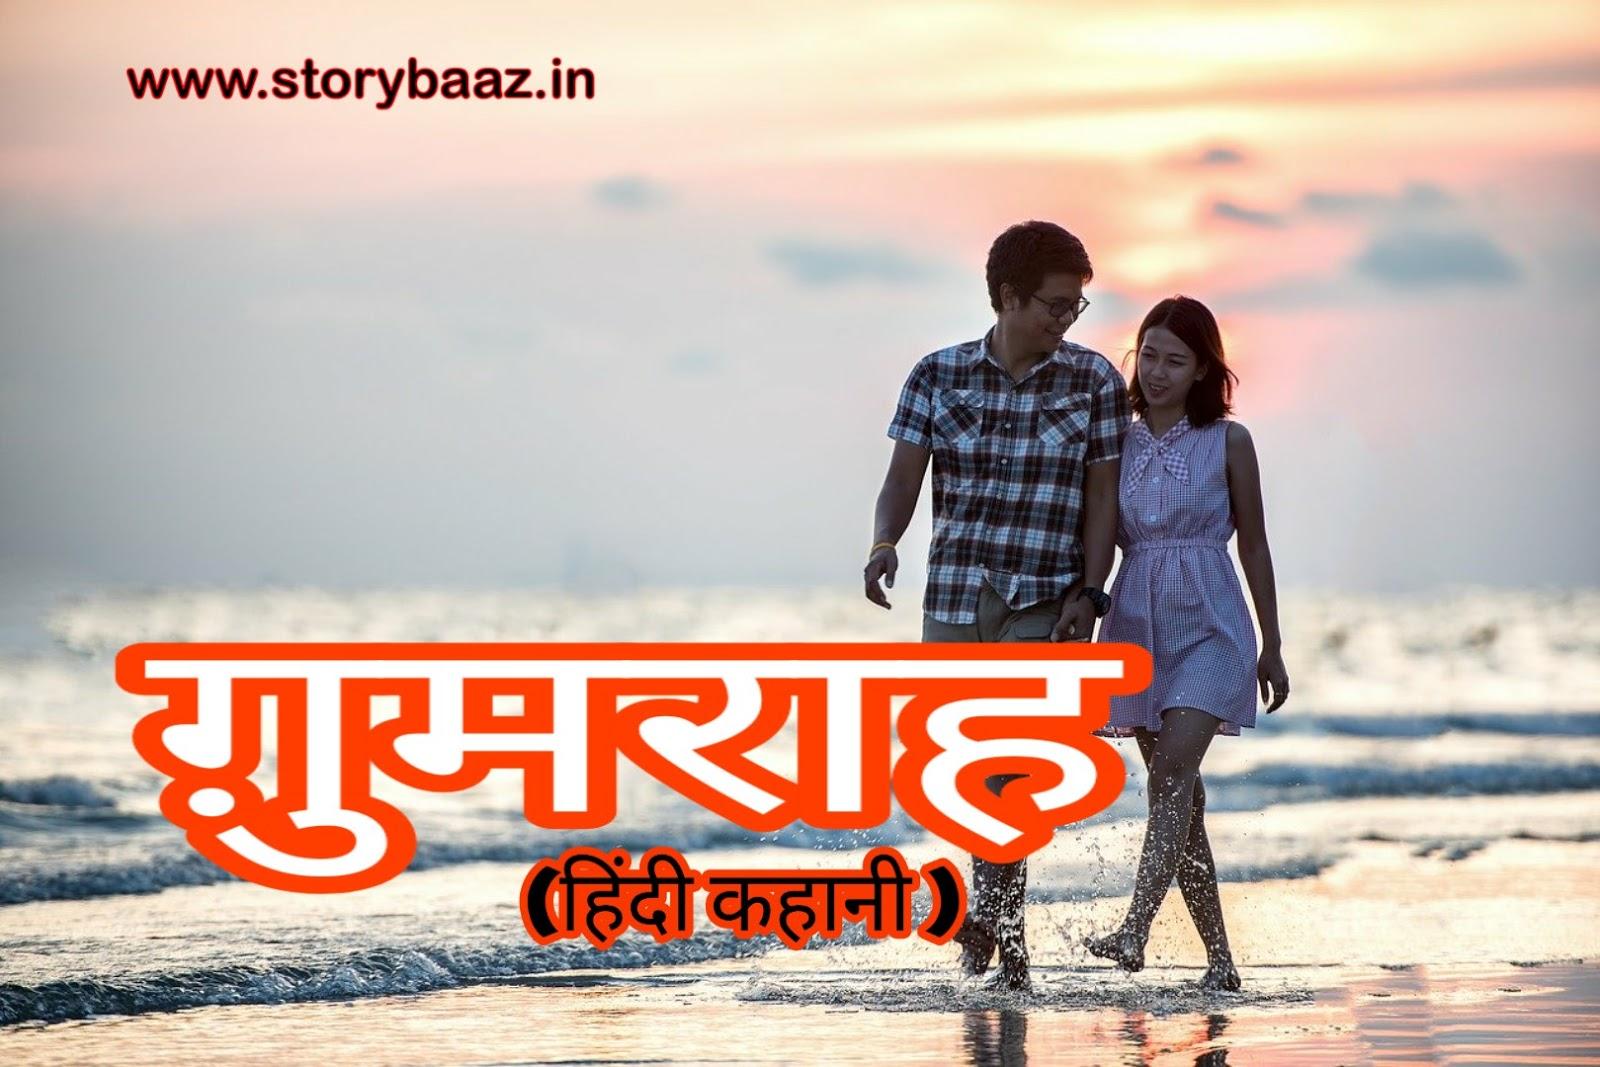 gumraah-school-love-story-in-hindi-teacher-student-love-story-in-hindi-photo-new-hd-photo